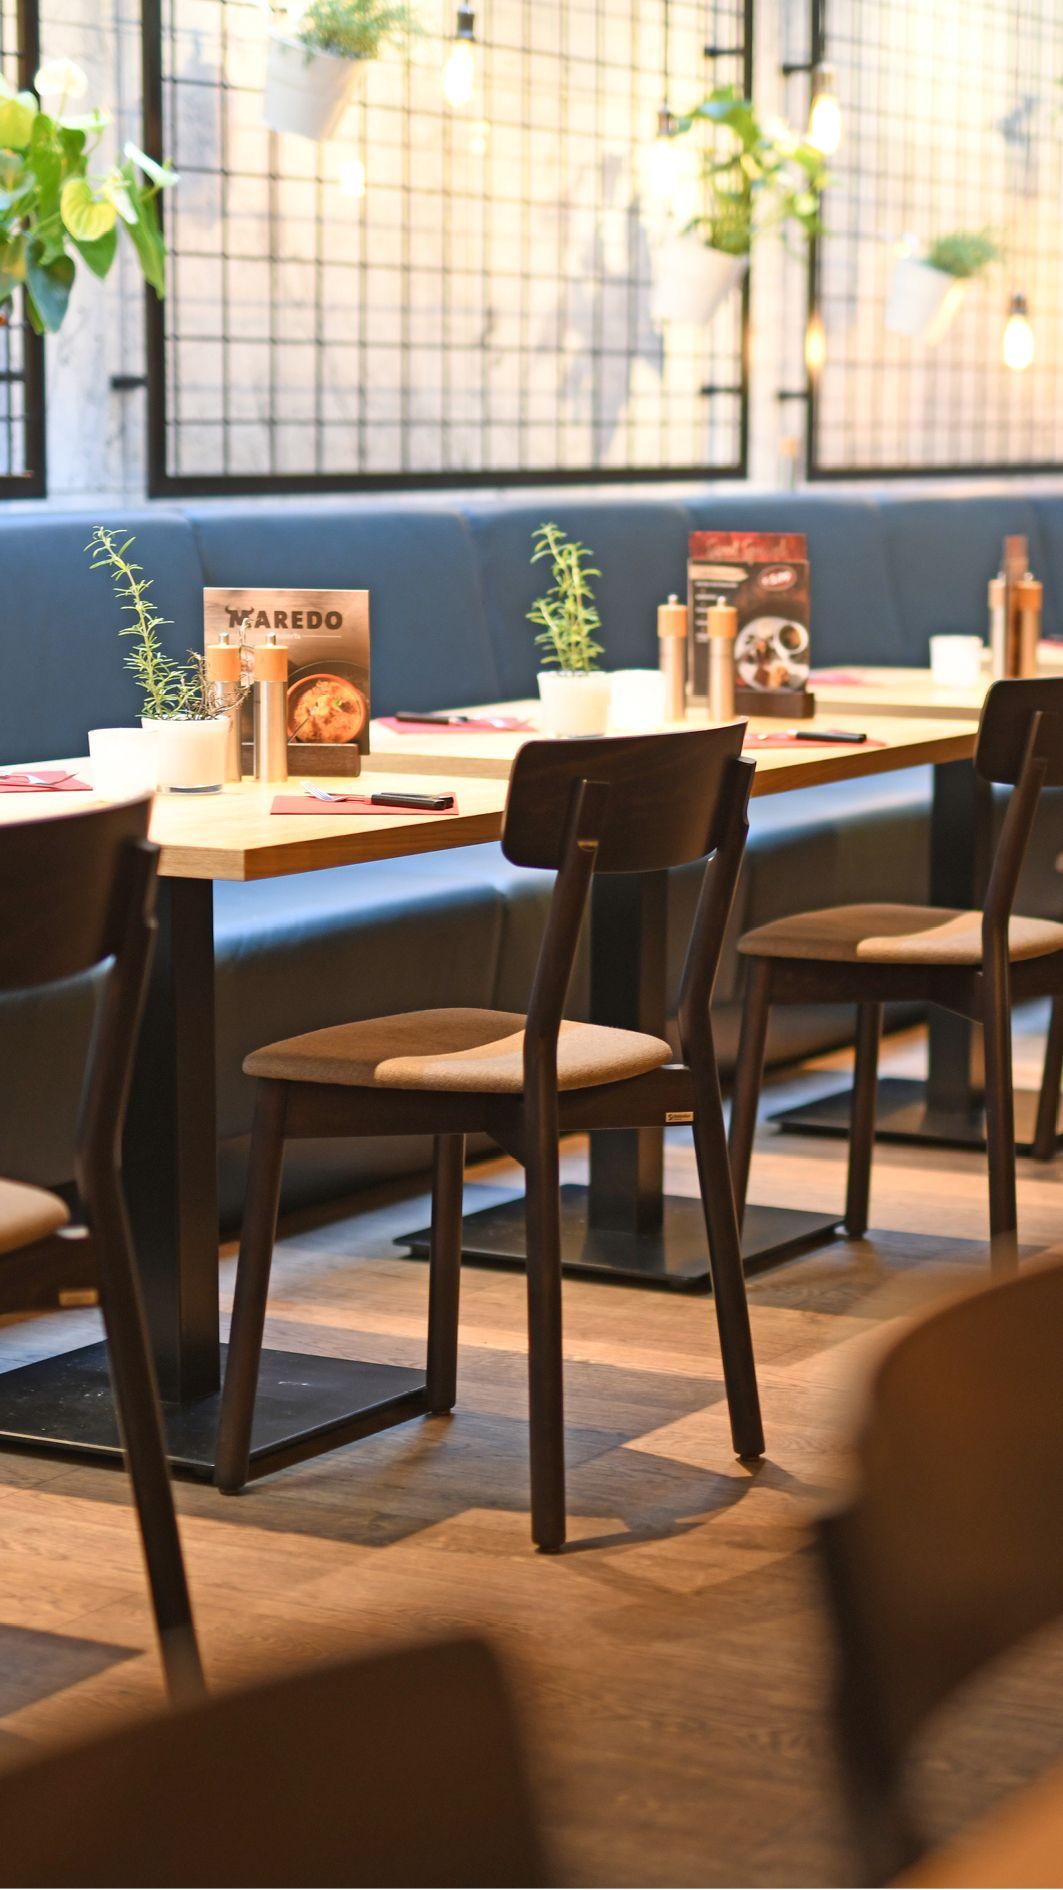 Stuhl Mattis 11430 Stuhlfabrik Schnieder Gastro Stuhle Bistro Design Gastronomie Mobel Restauranteinrichtungen